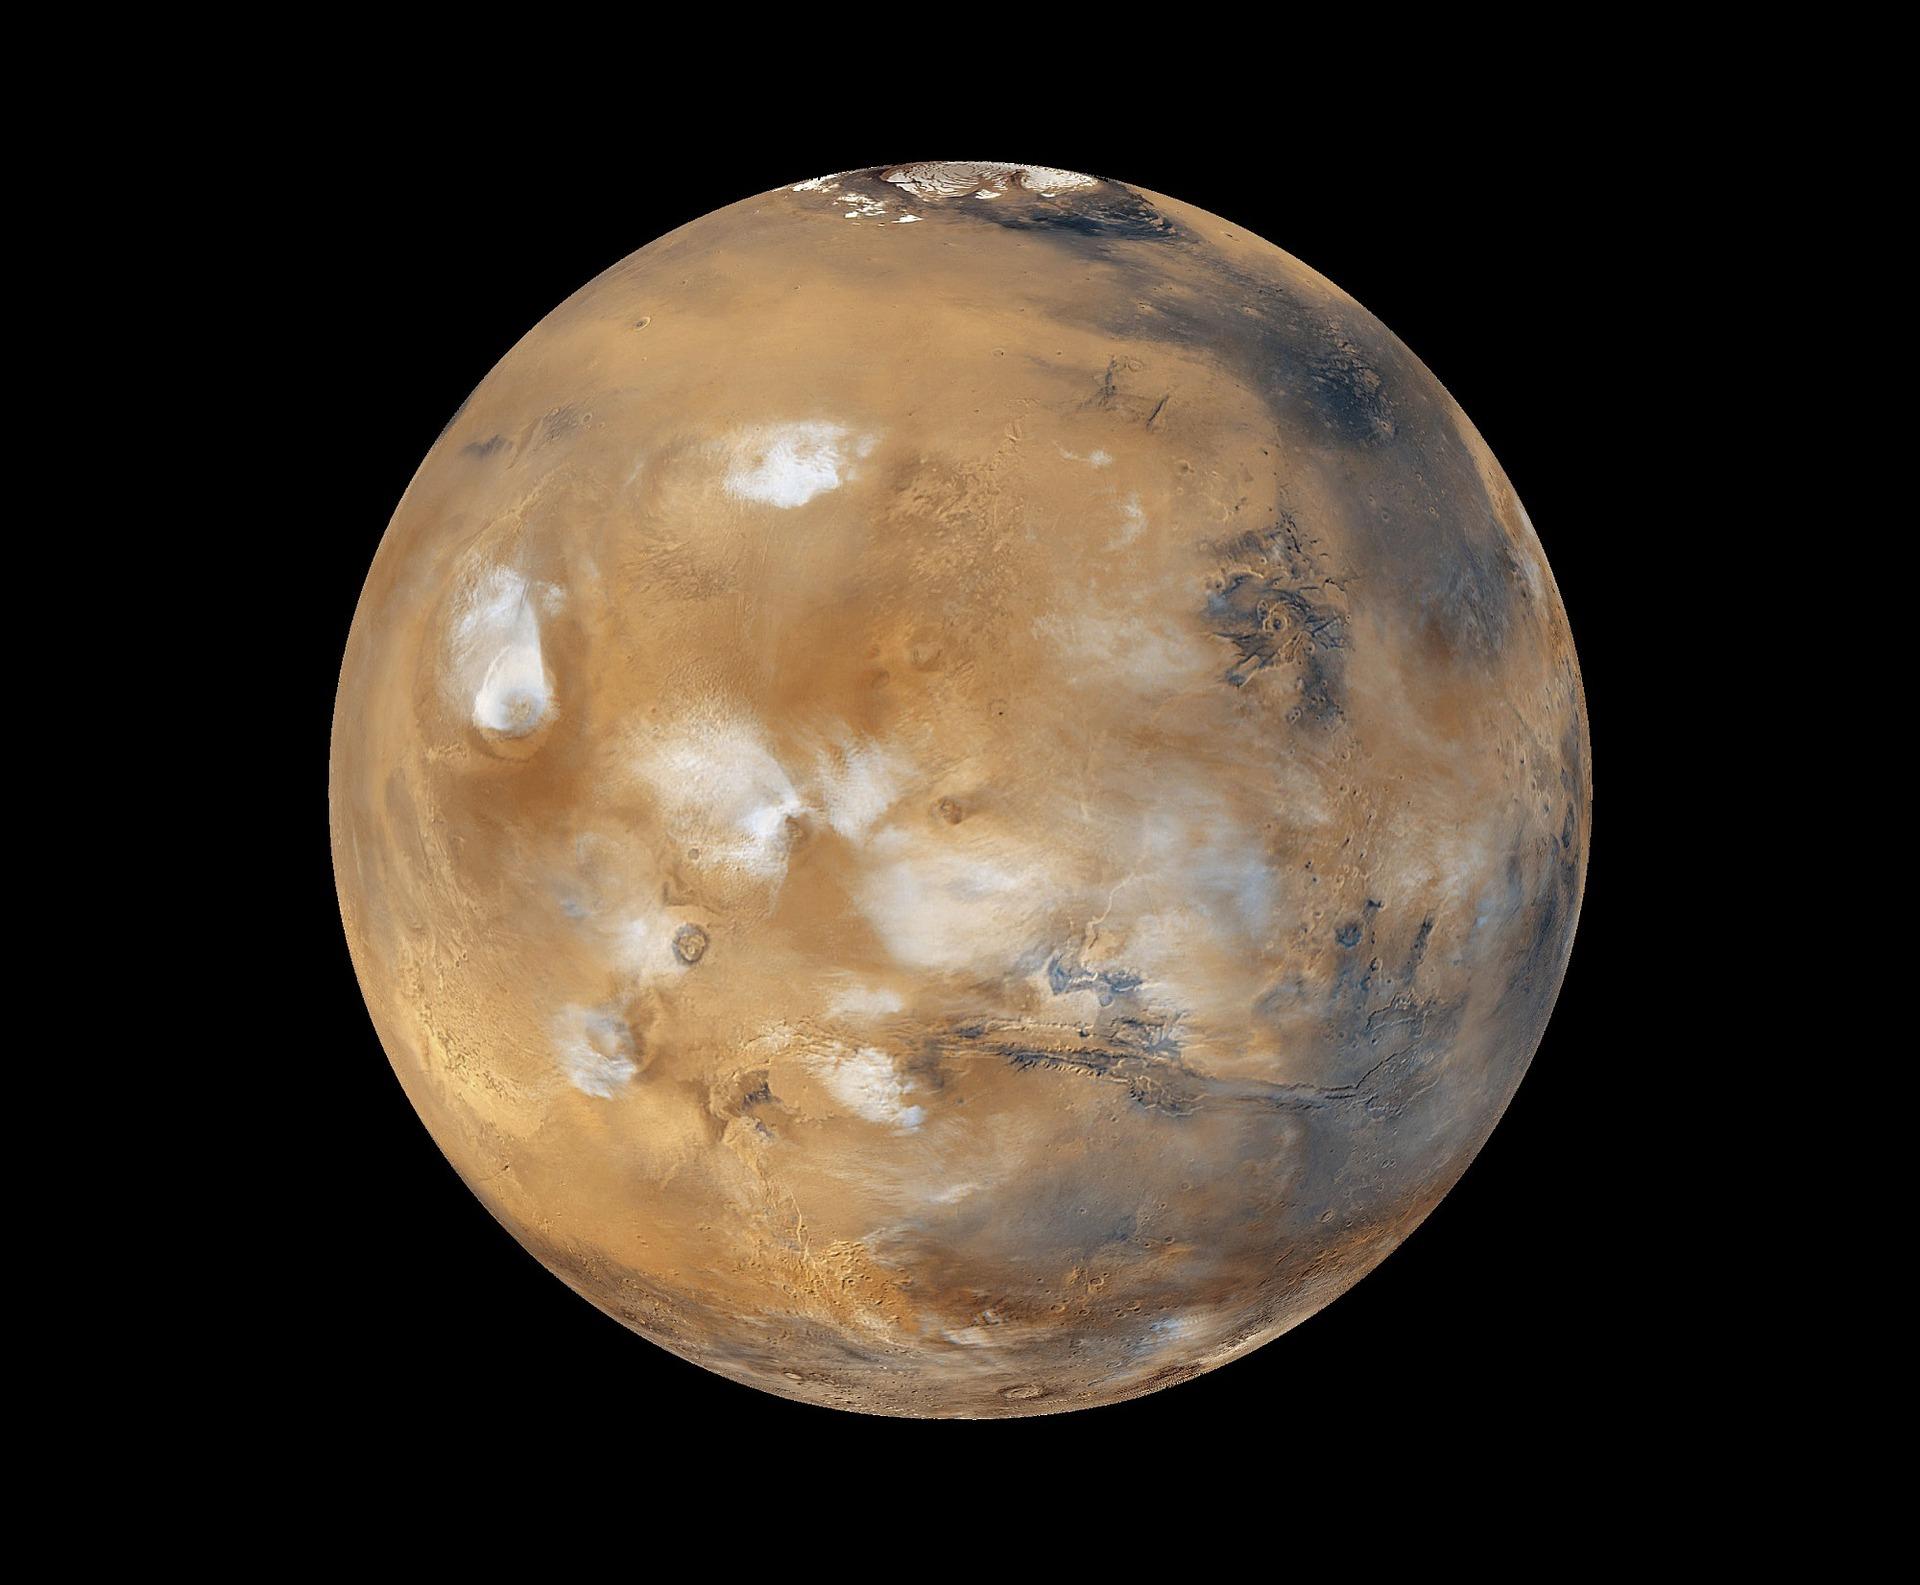 Wie Lange Fliegt Man Zum Mars Sternenforscher